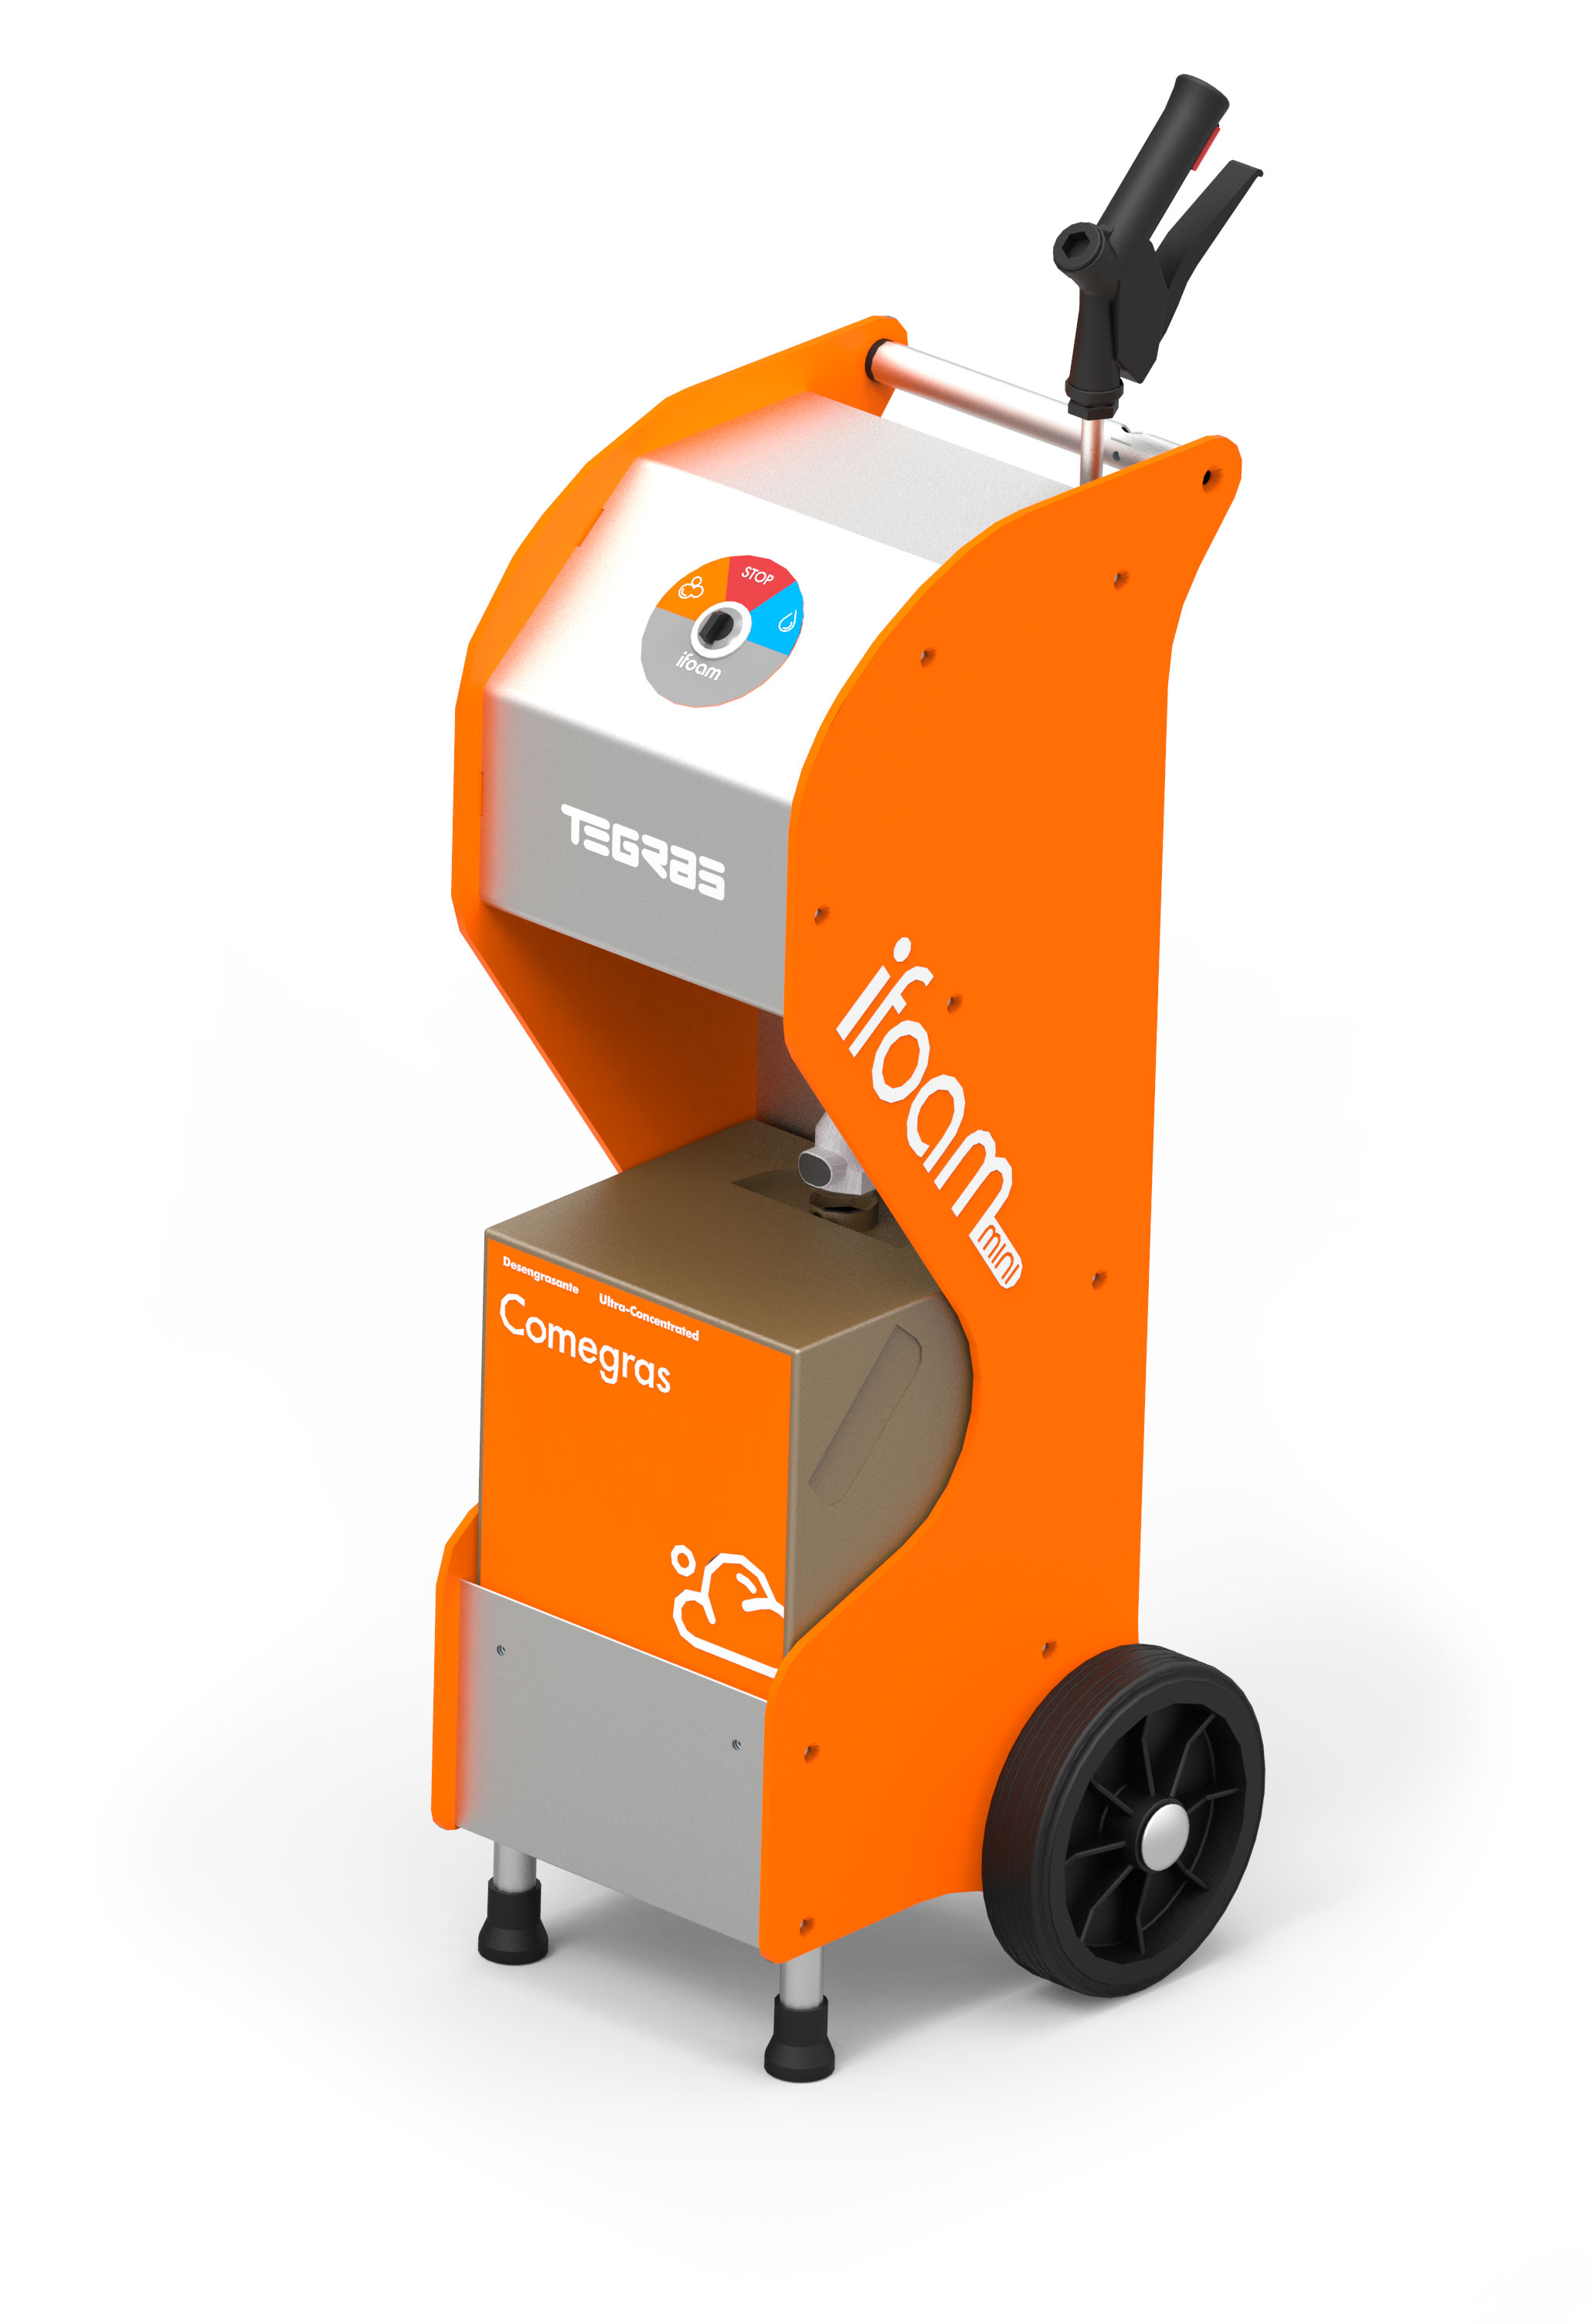 Generatore di schiuma alcalina e apparecchiatura di risciacquo a bassa pressione